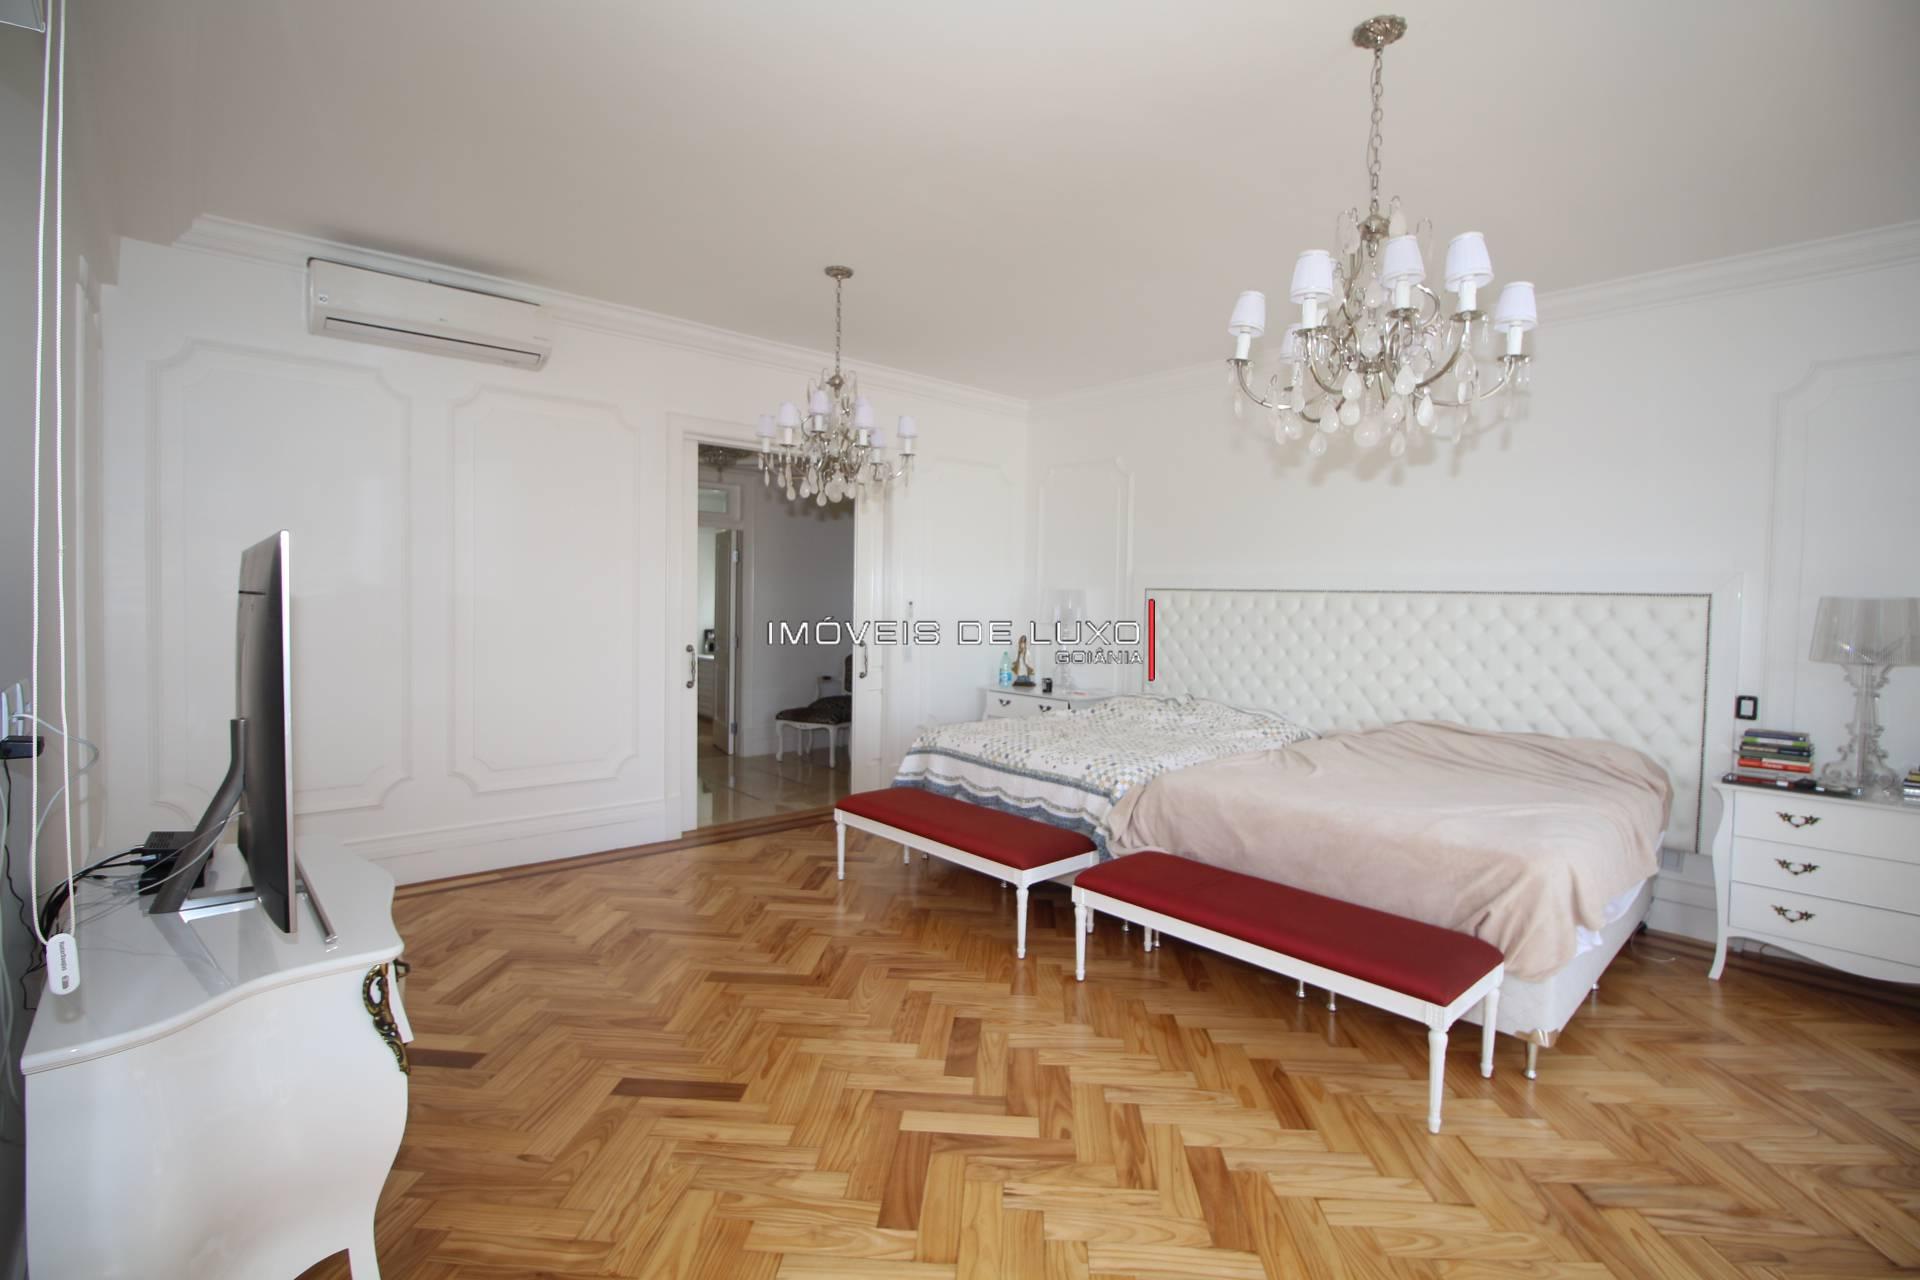 Imóveis de Luxo - Espetacular mansâo no Aldeia do Vale